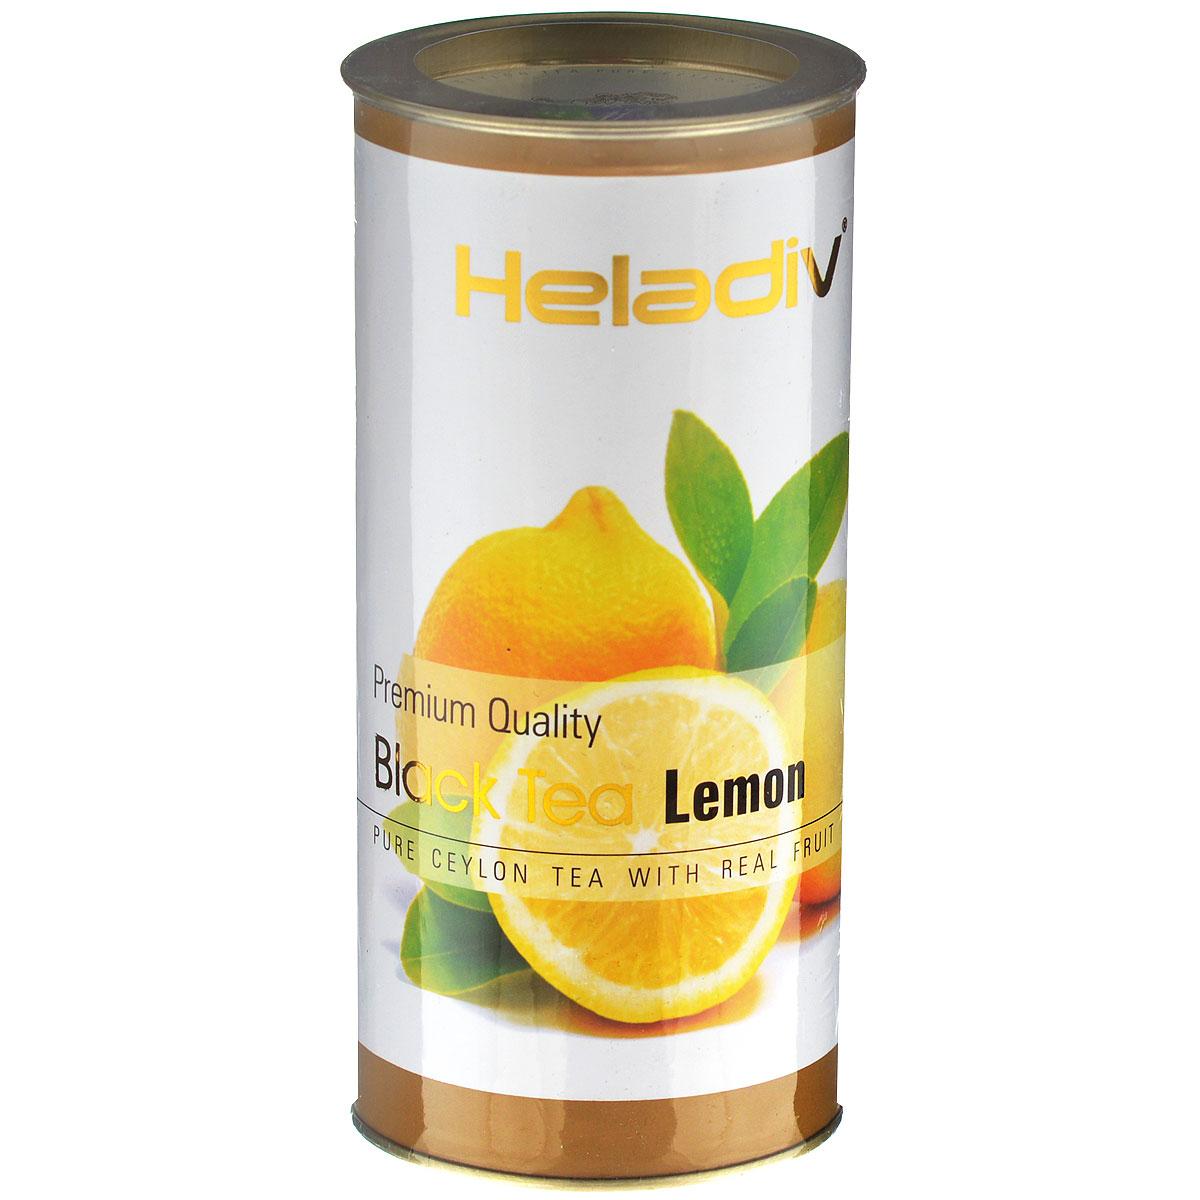 Heladiv Lemon черный фруктовый чай с лимоном, 100 г4791007004929Heladiv Lemon - настоящий цейлонский черный чай с натуральным ароматизатором лимона, кусочками лимонной цедры и цветами календулы.